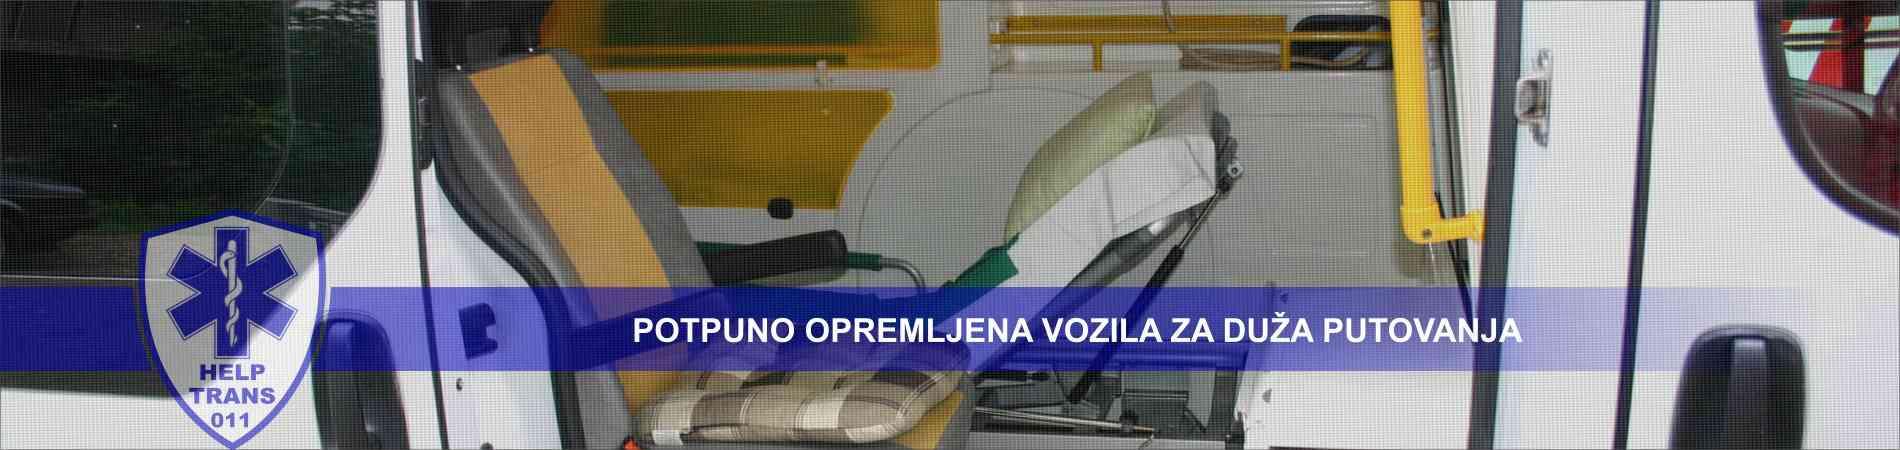 Sanitetski prevoz | prevoz pacijenata - Help Trans 011